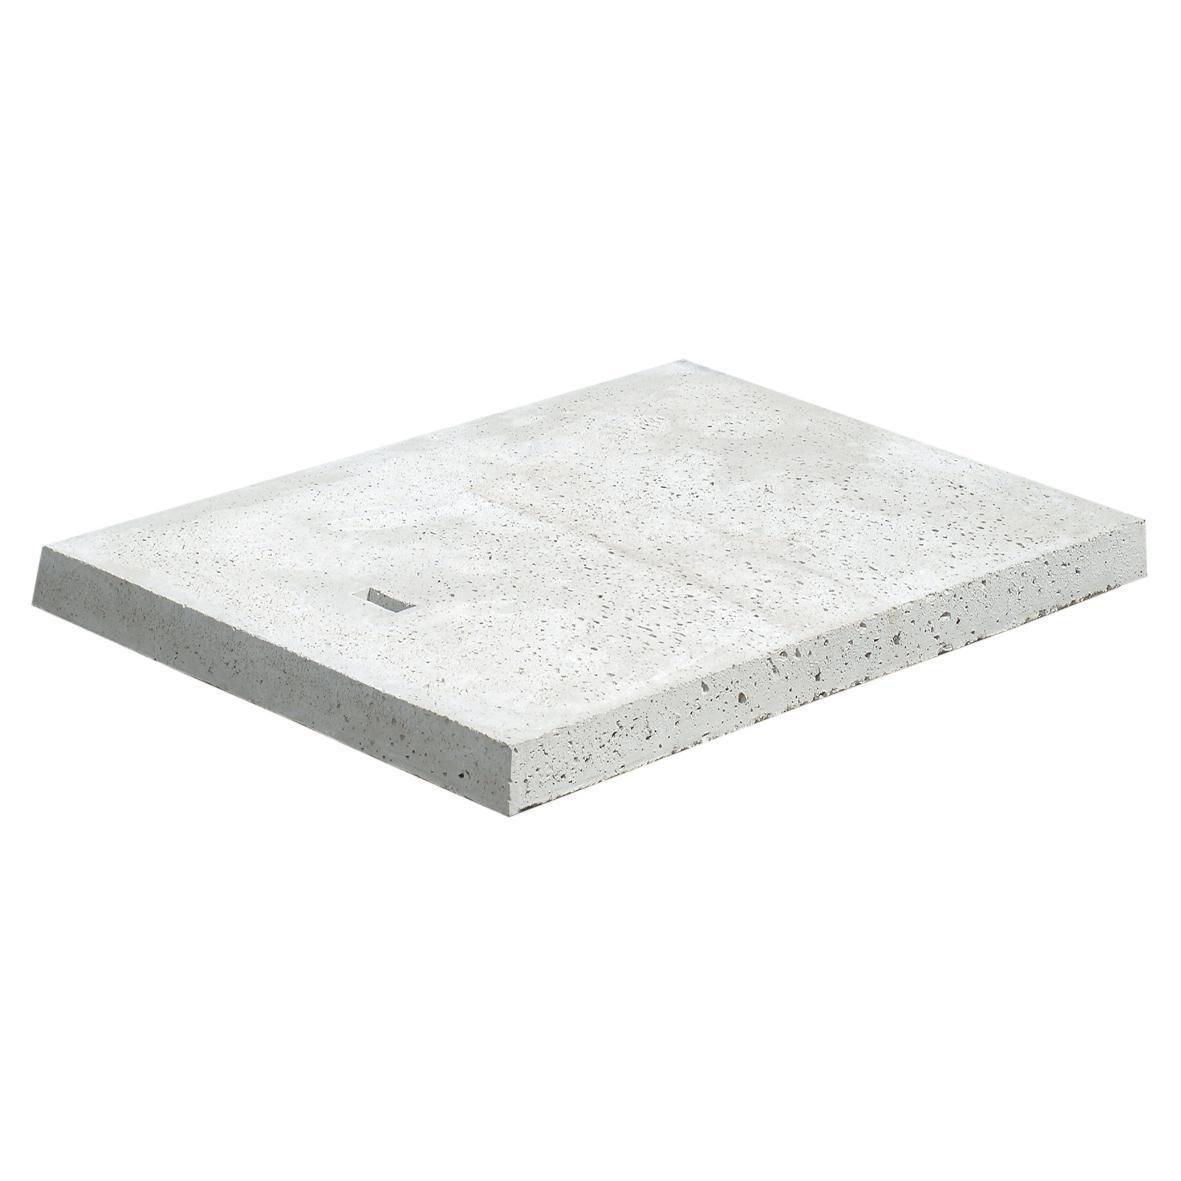 Incroyable FABEMI - Couvercle pour niche de compteur d'eau 60x40 cm - béton SJ-67